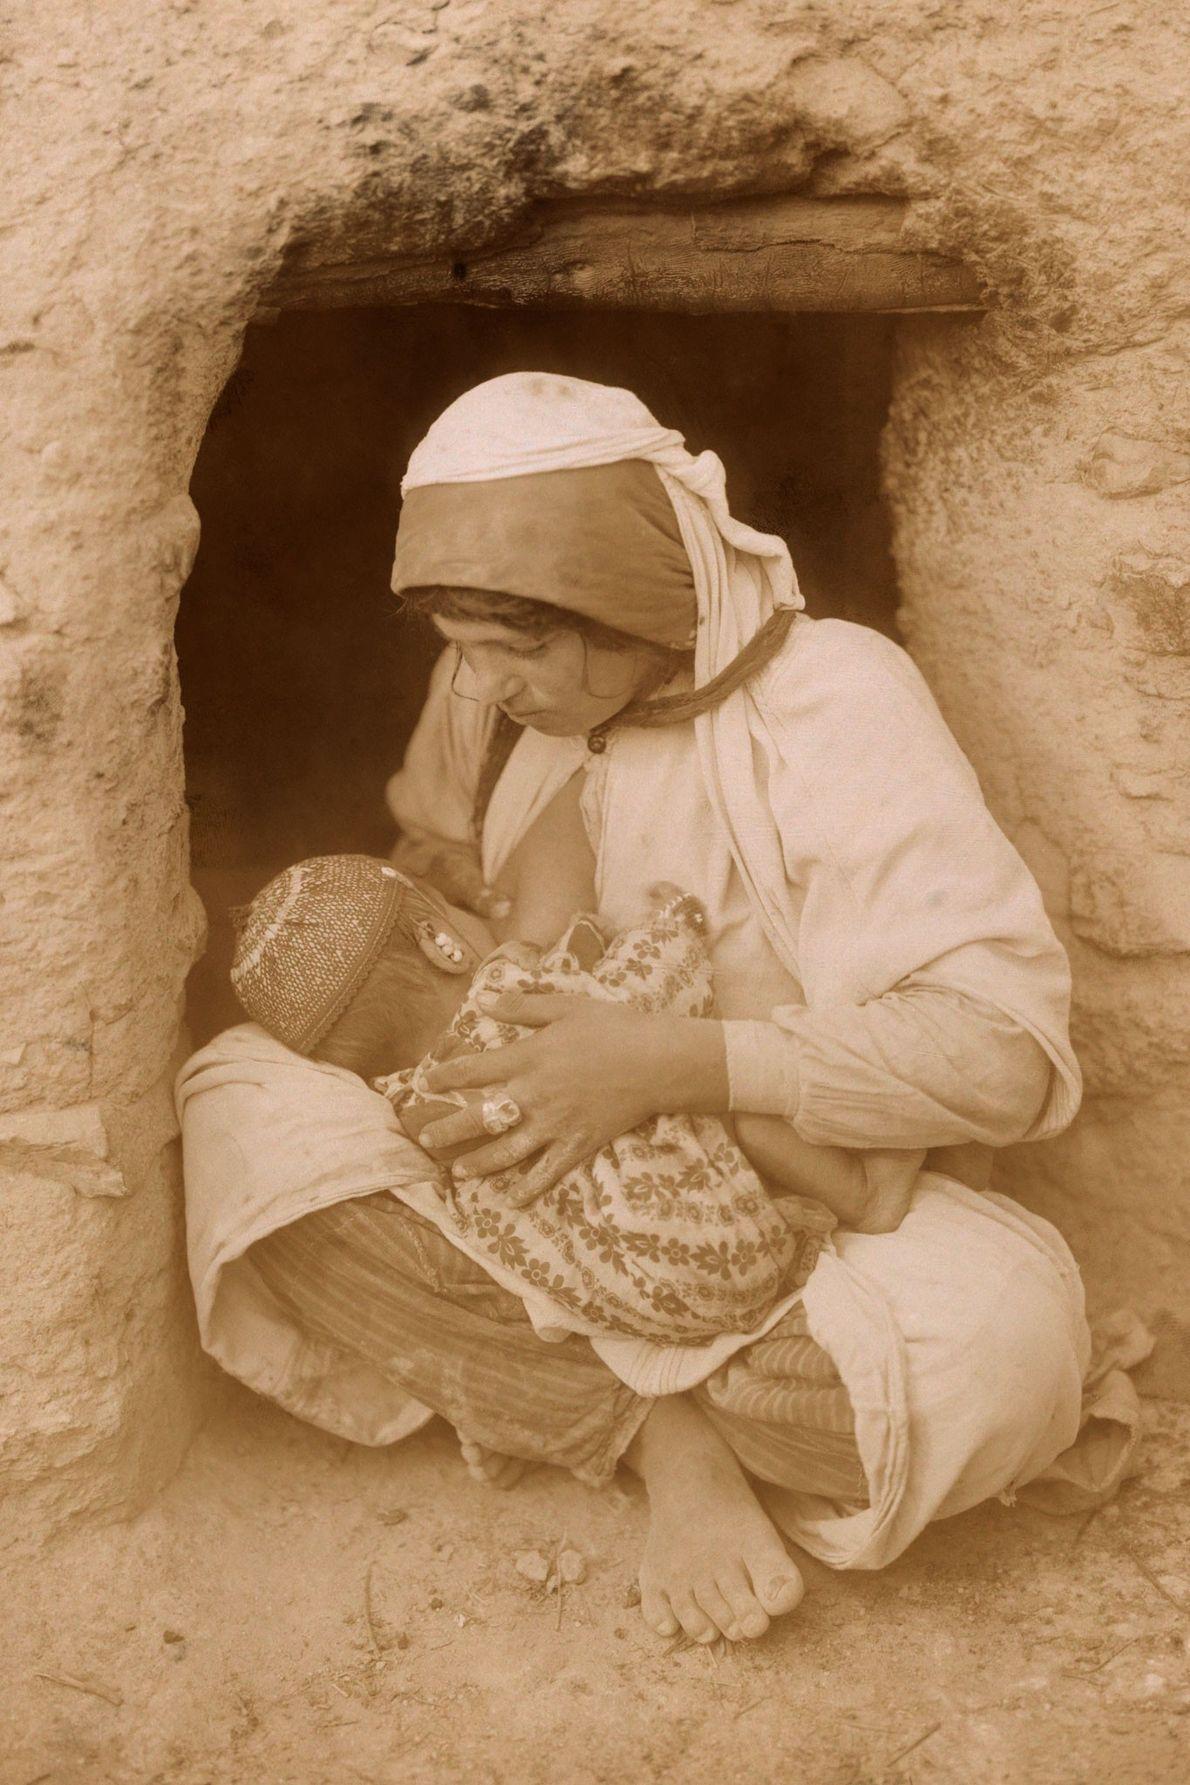 Une mère au Moyen-Orient allaite son bébé devant sa maison.